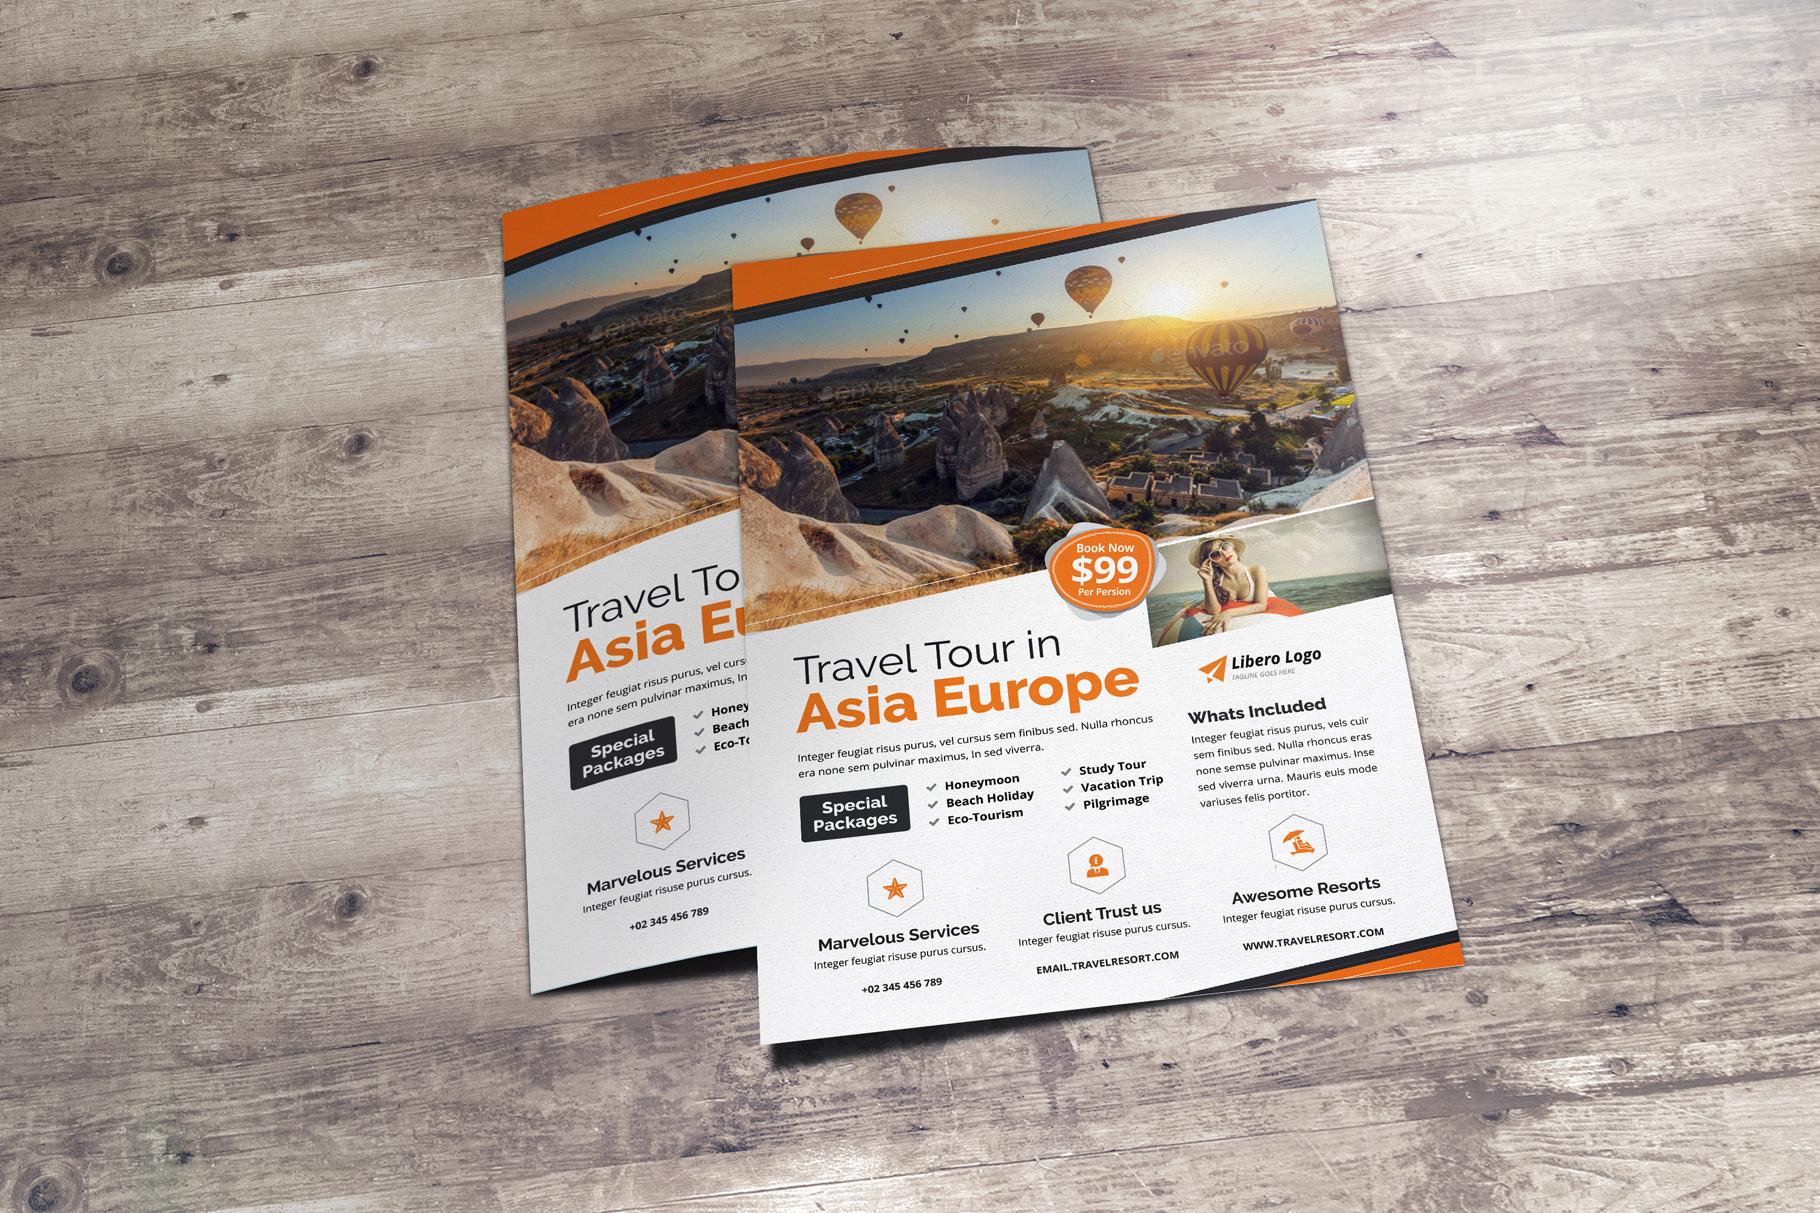 Travel Resort Flyer Design v2 example image 7